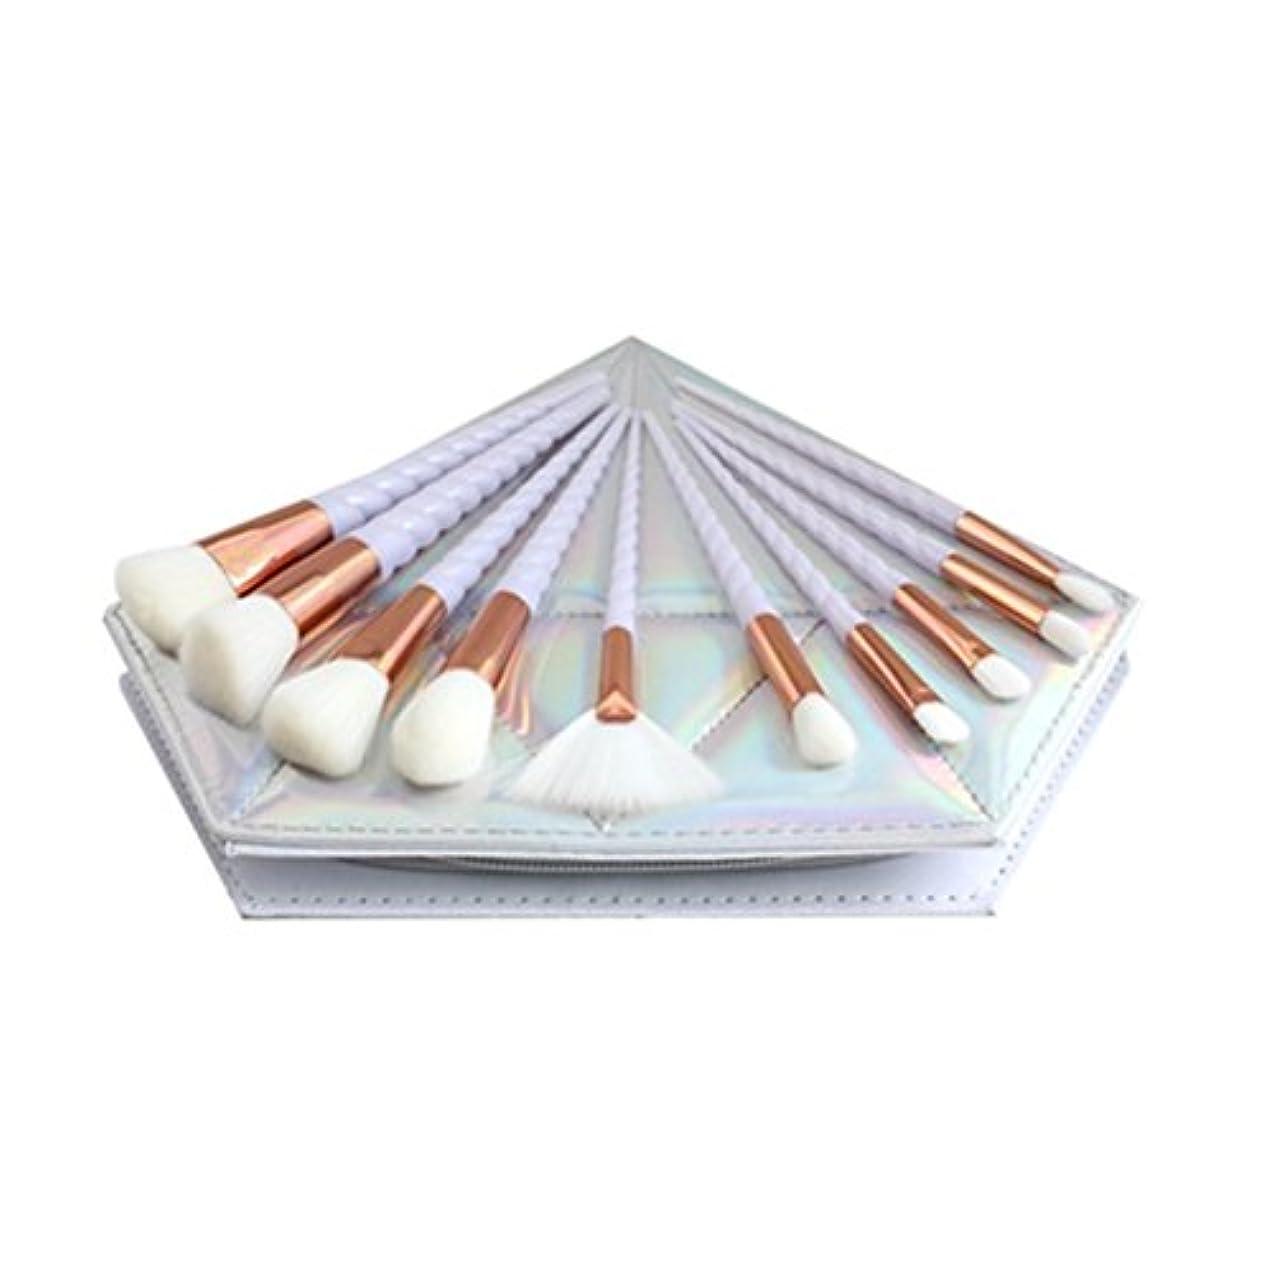 仕事変換するつぼみDilla Beauty 10本セットユニコーンデザインプラスチックハンドル形状メイクブラシセット合成毛ファンデーションブラシアイシャドーブラッシャー美容ツール美しい化粧品のバッグを送る (白い柄 - 白い髪)